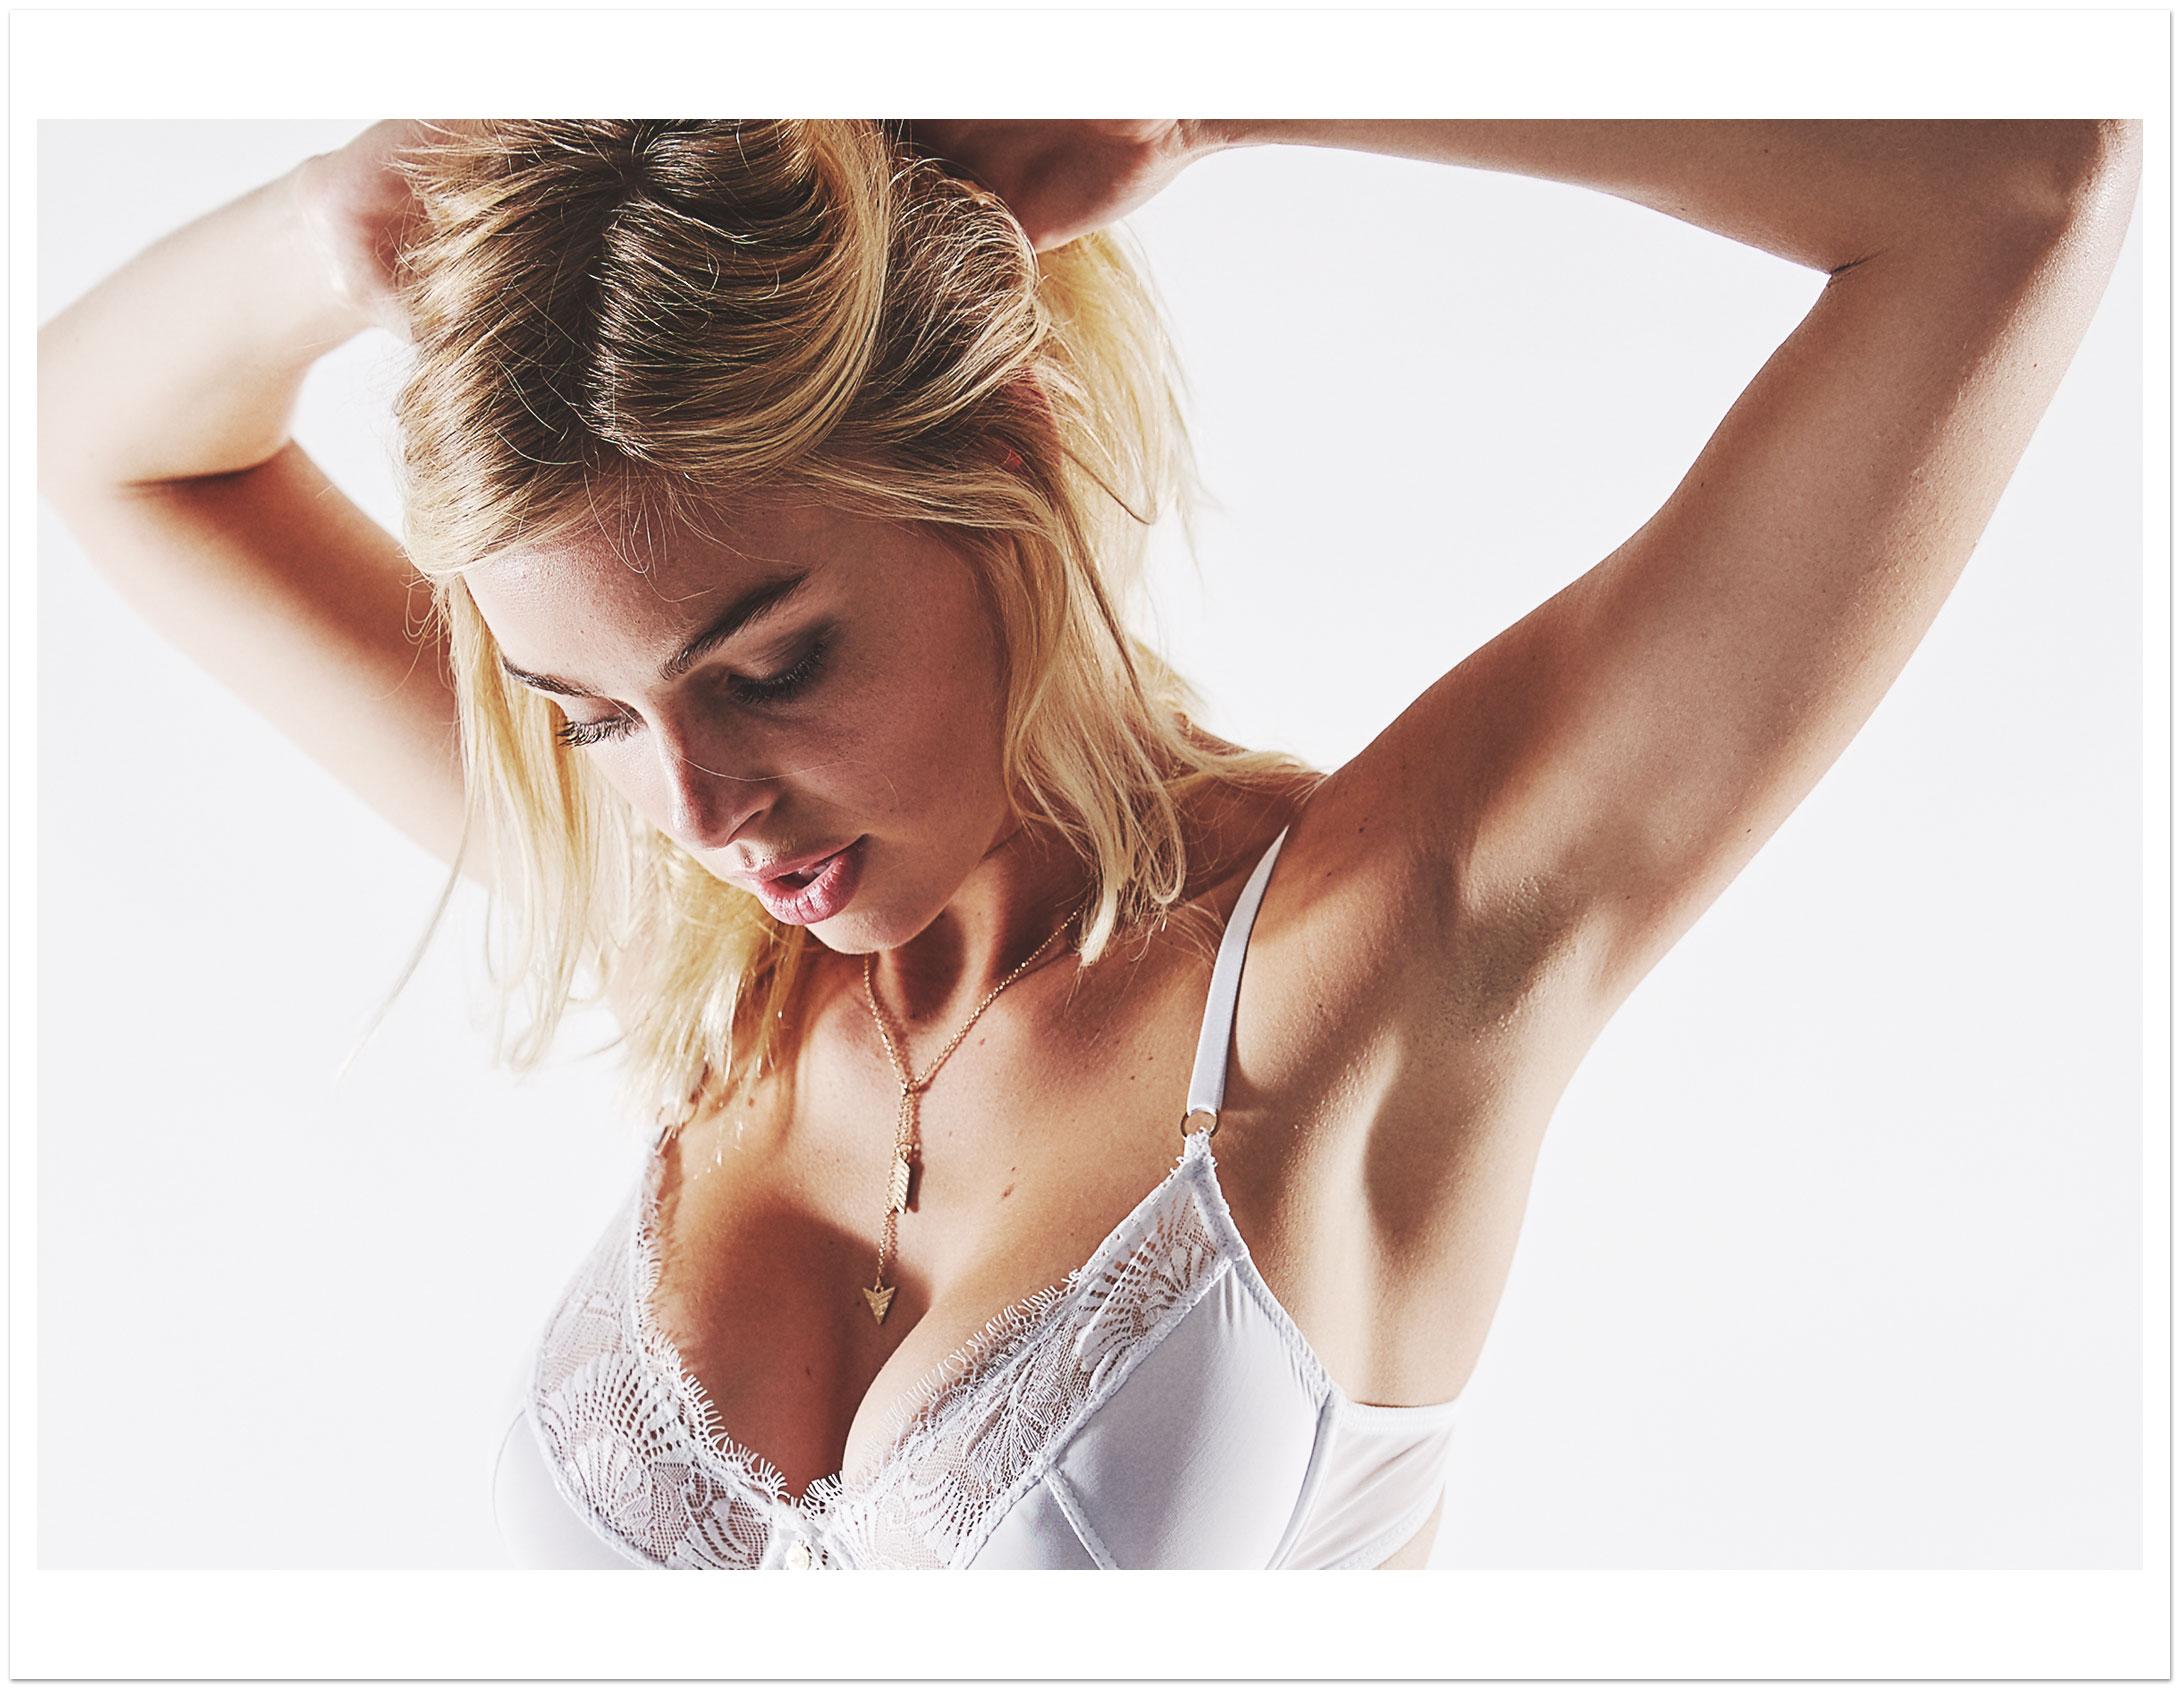 Elizabeth @ LA Models by Eisen Nepomuceno